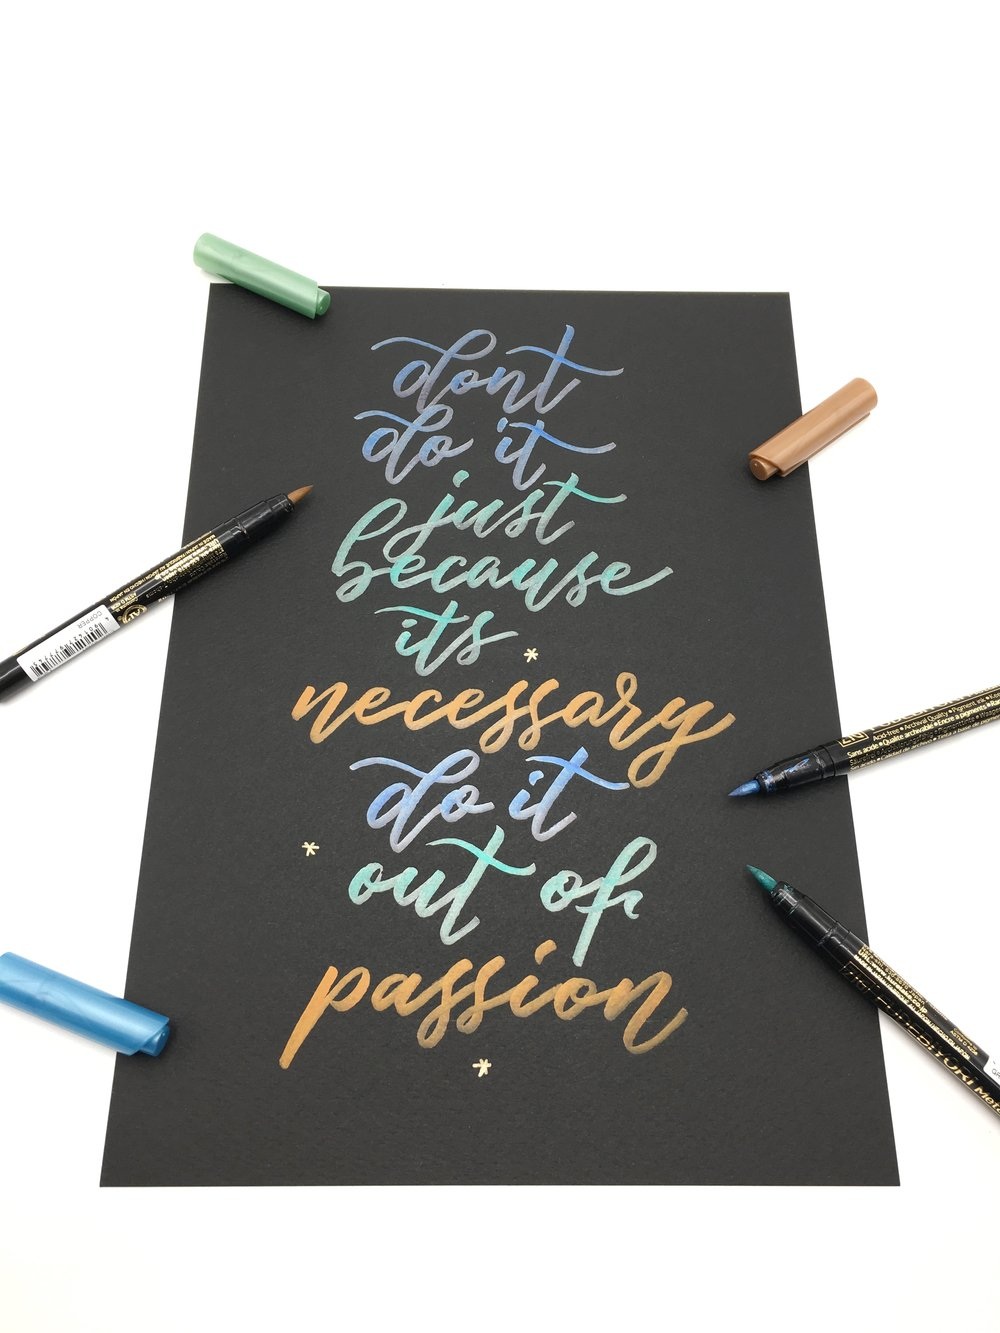 quote-necessary